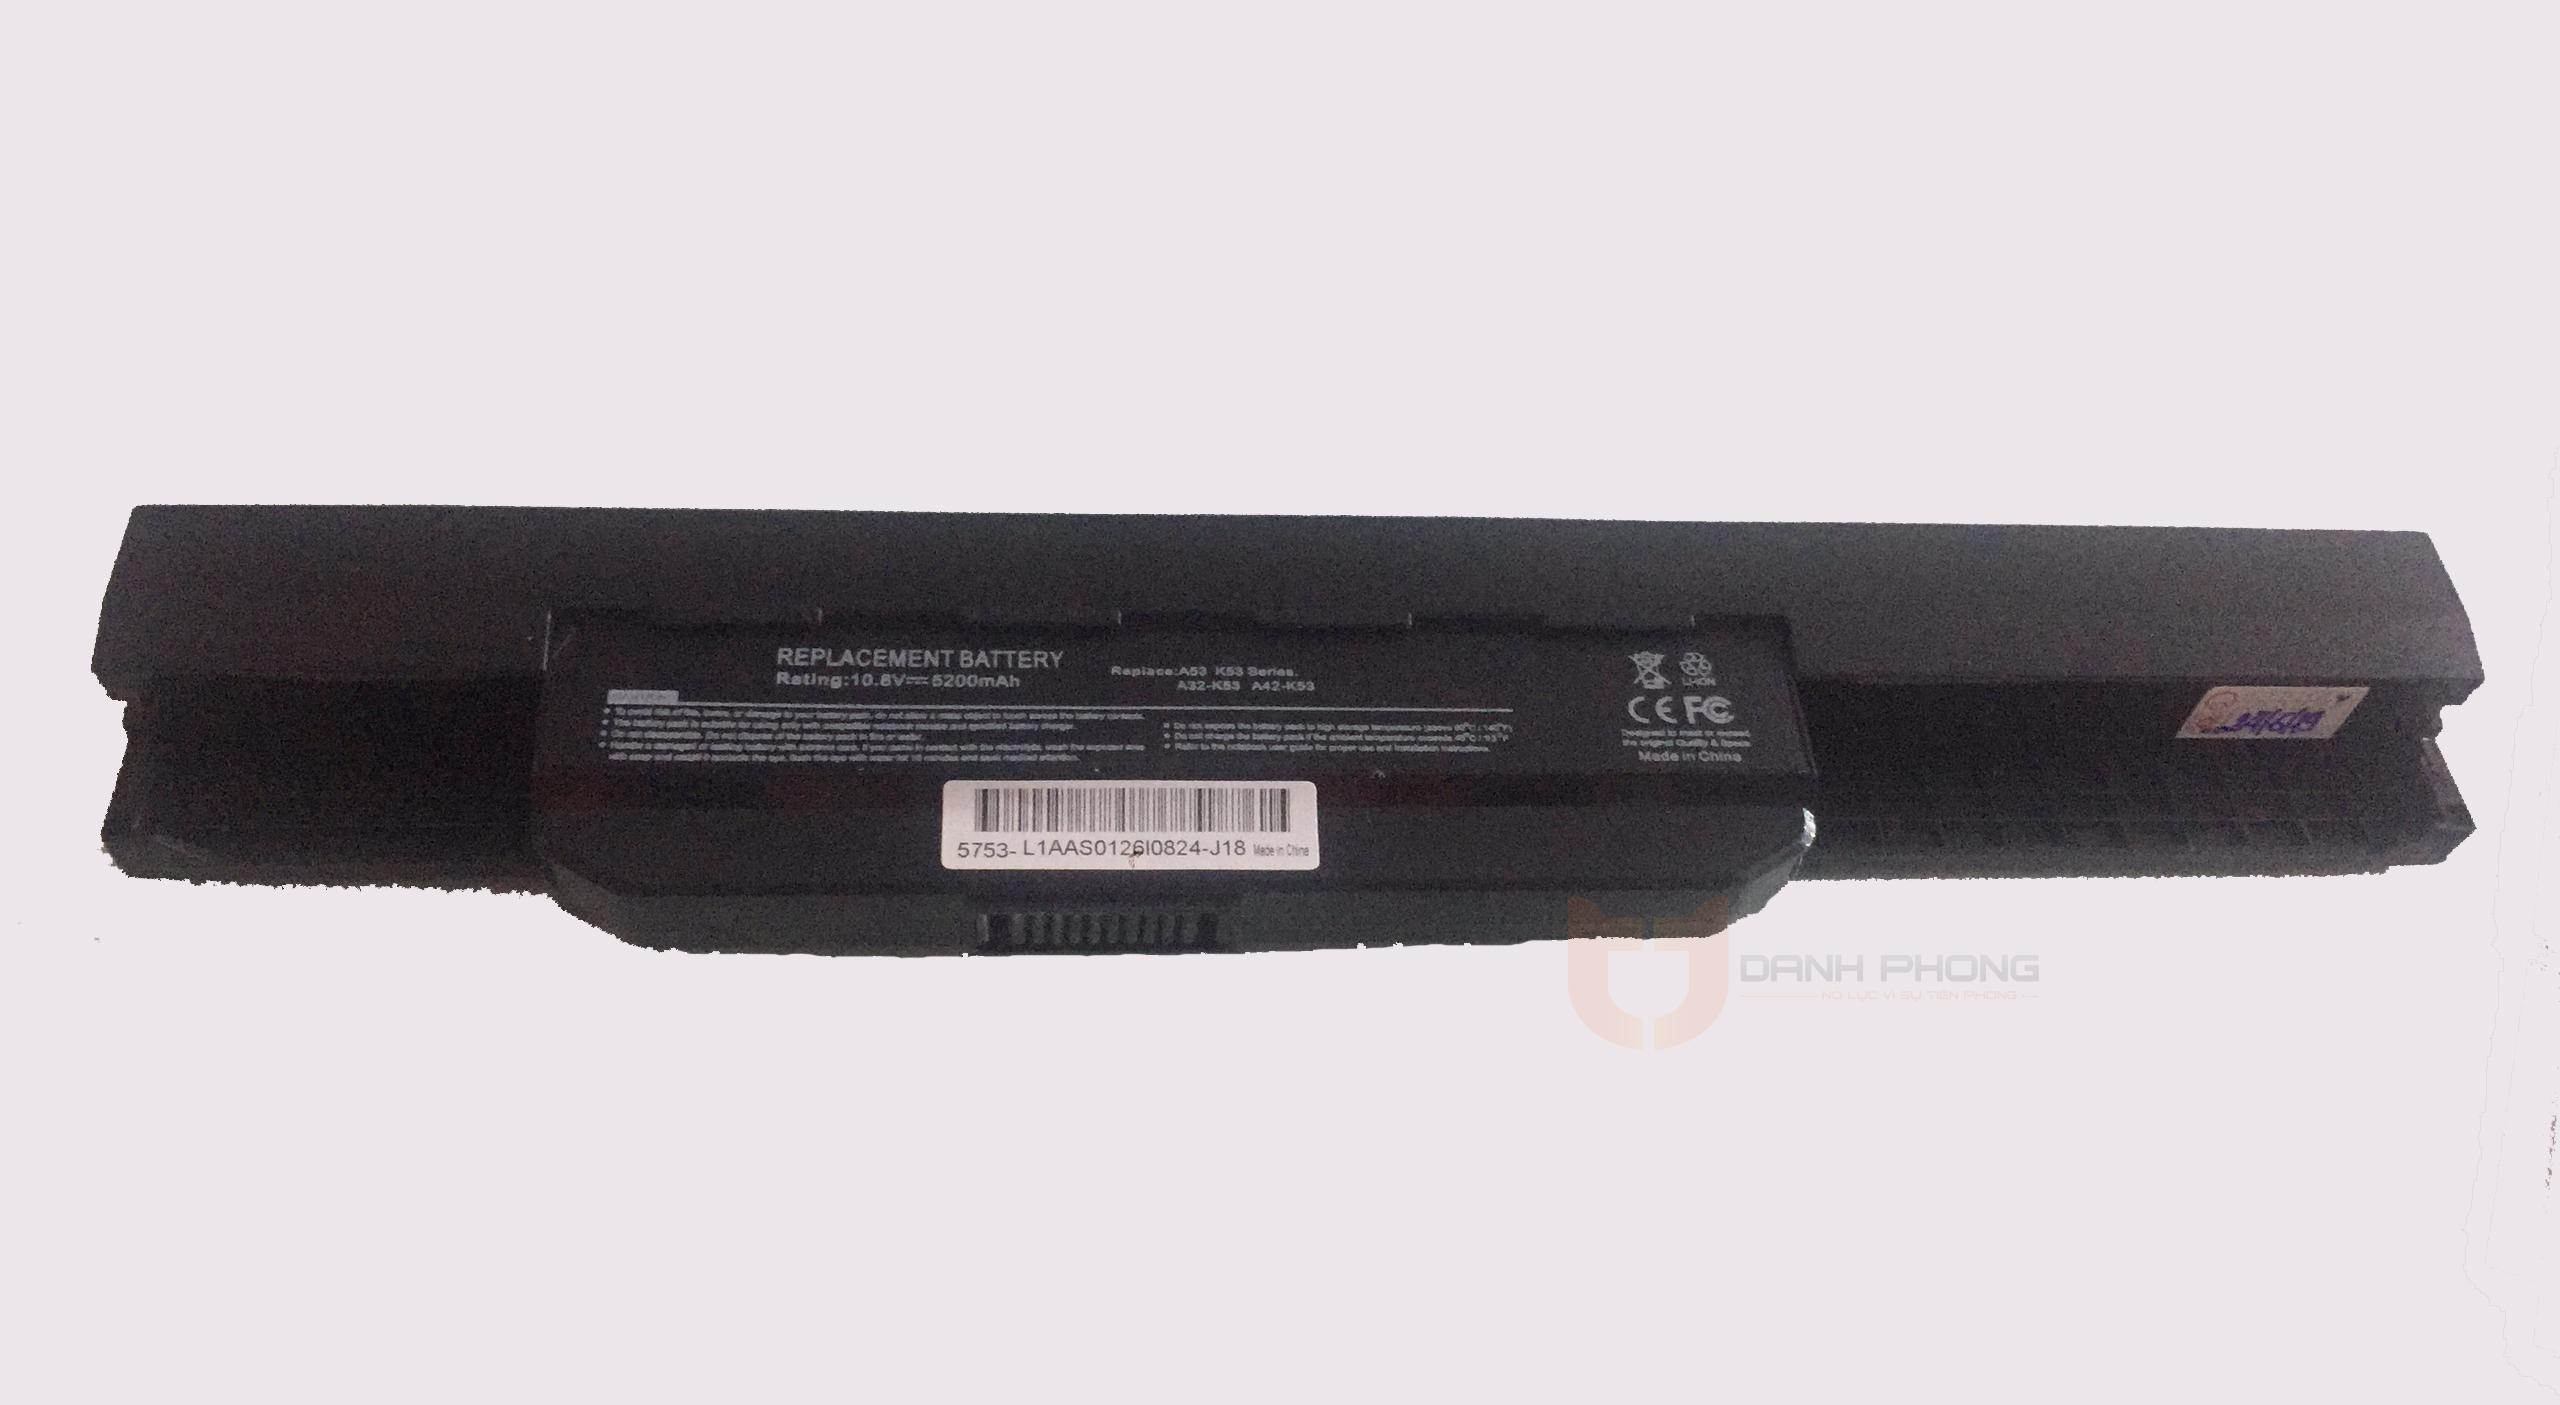 Pin laptop Asus k43 k53 | Laptop Danh Phong